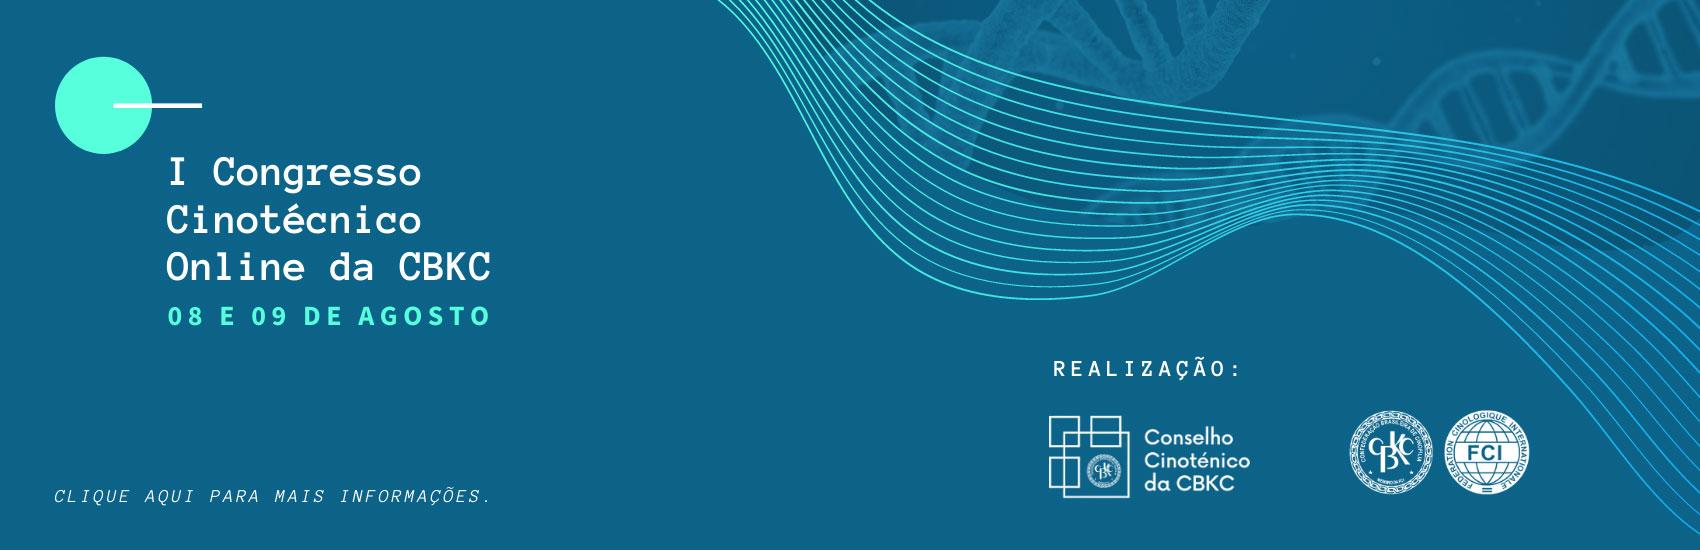 1º Congresso Cinotécnico Online da CBKC-15/07/2020